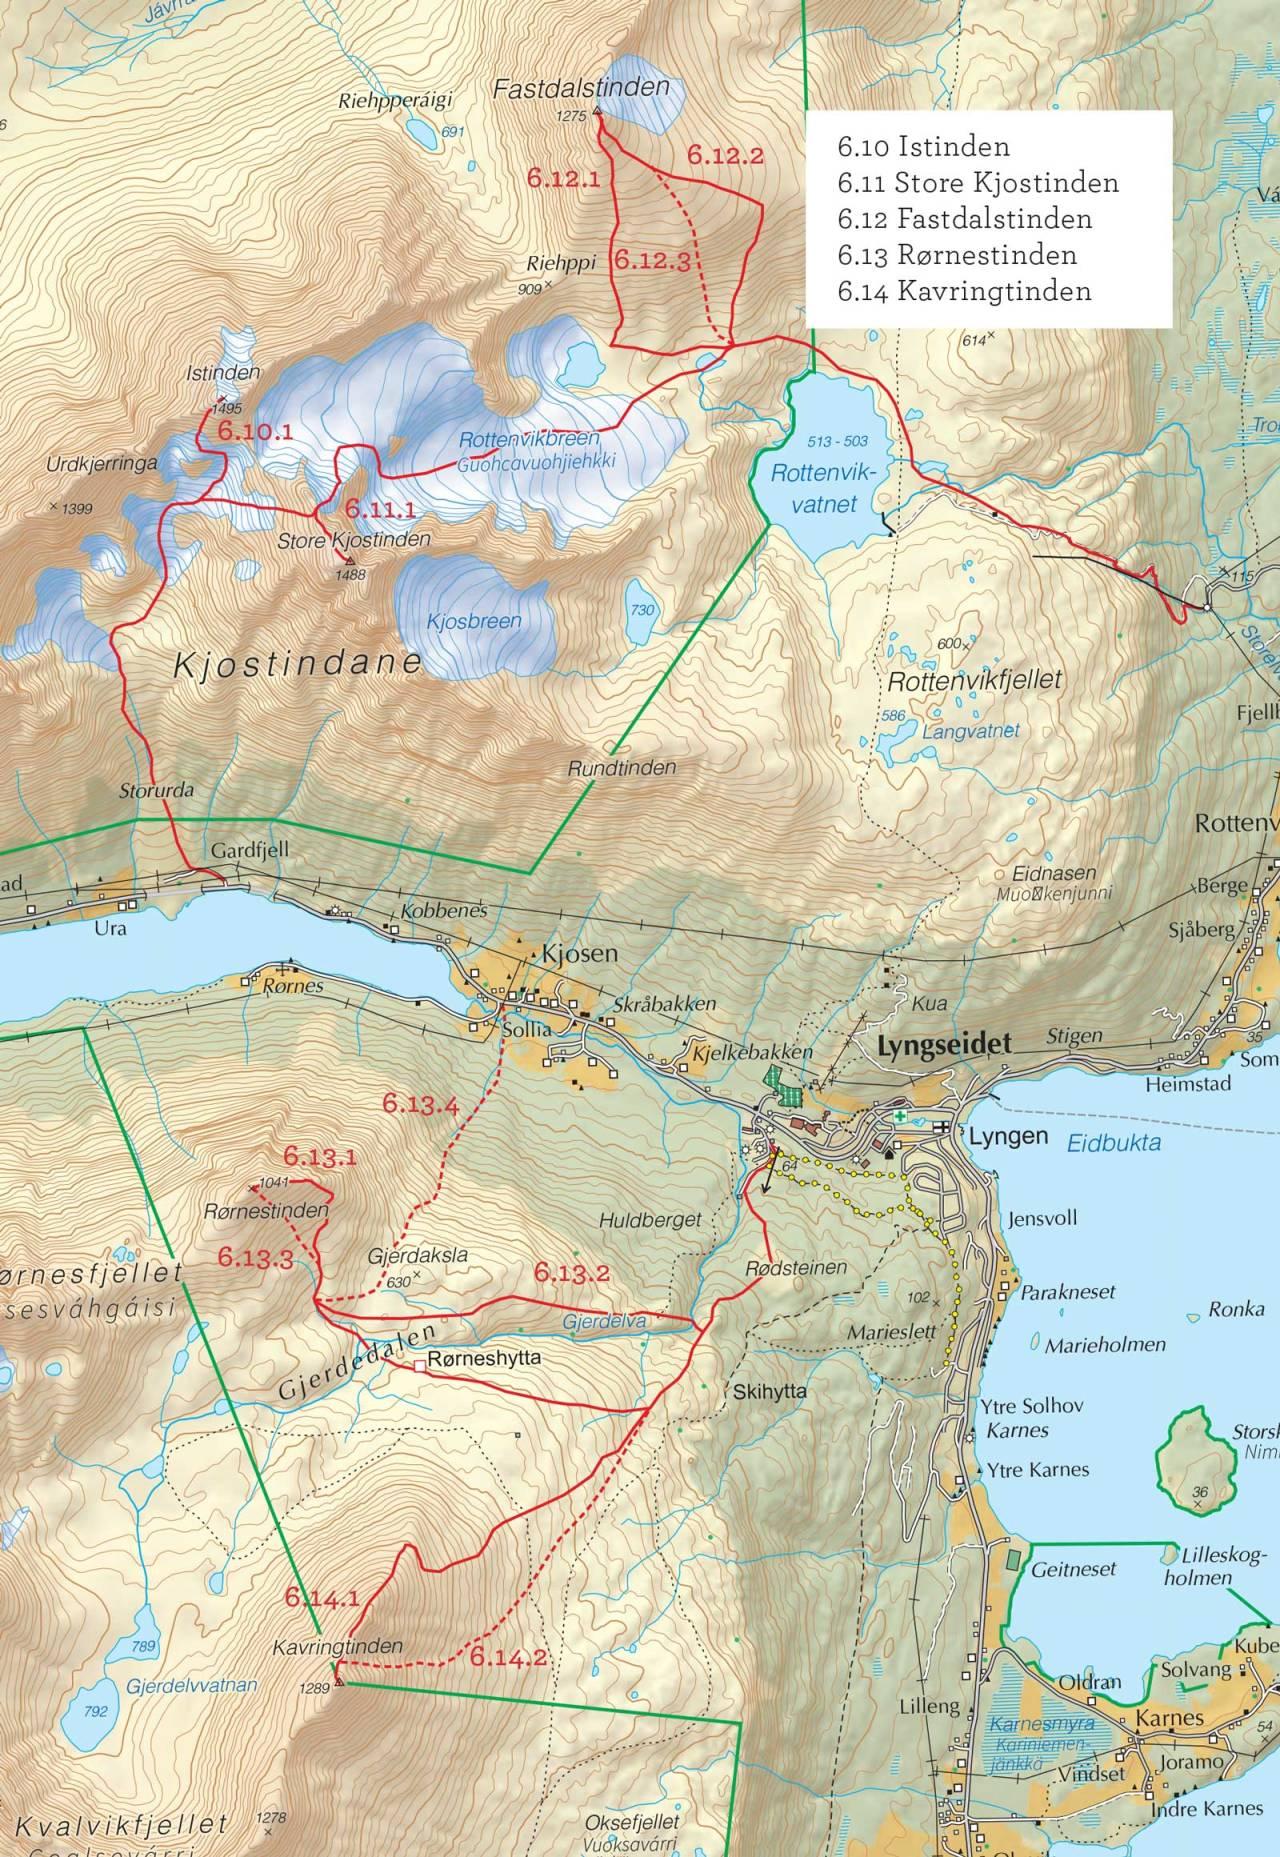 Oversiktskart over Istinden med inntegnet rute. Fra Toppturer i Troms.